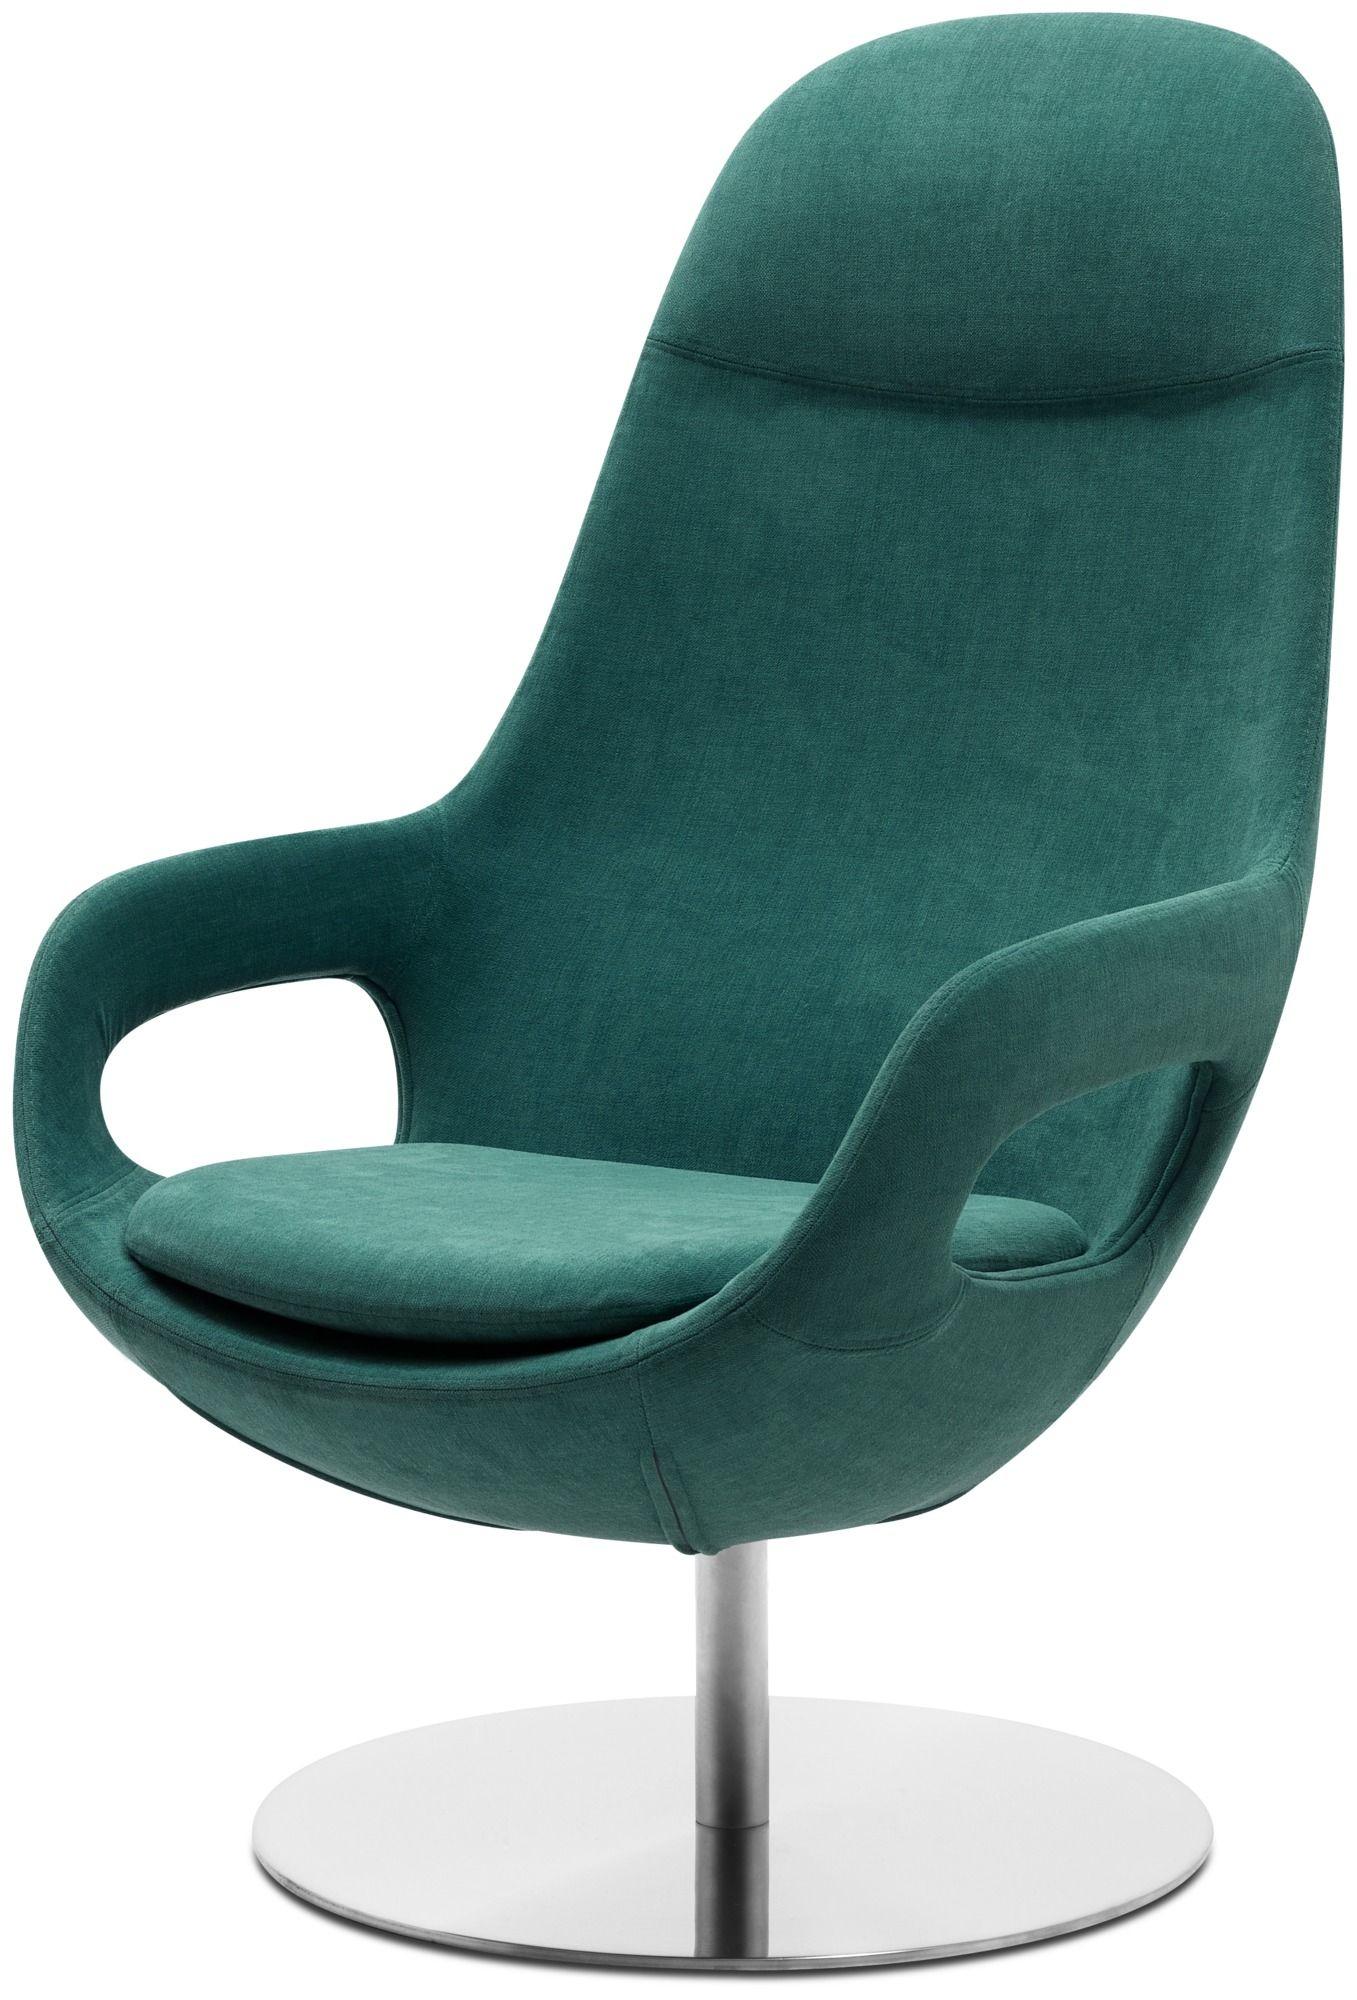 BoConcept meubles contemporains pour votre salon